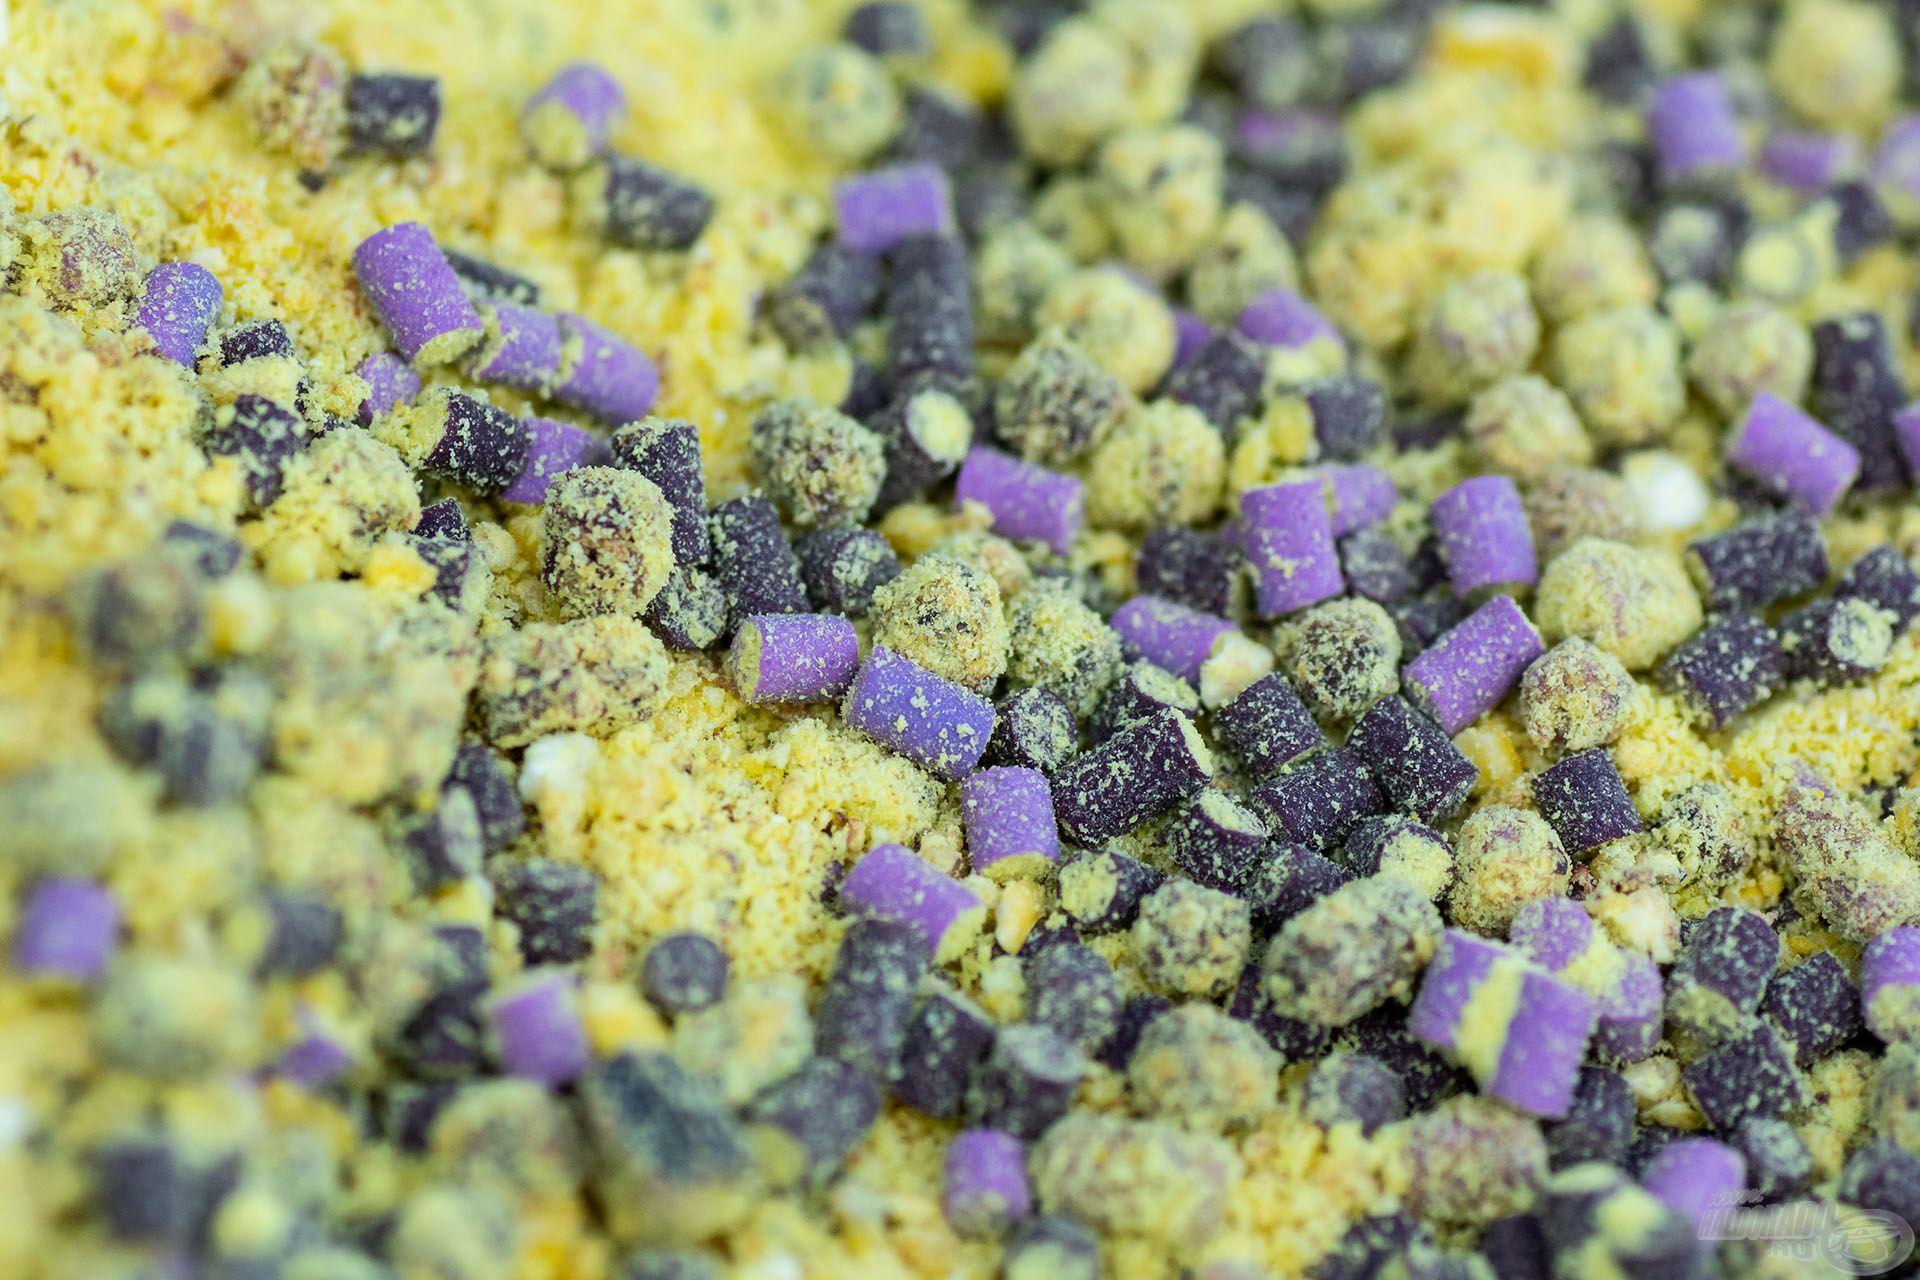 A BlendeX 2 in 1 Ananász + Banán citromsárga színű etetőanyag lila színű micropelletekkel keverve – finom, édes ízű és aromájú, szénhidrátos kaja. Különösen fogós az átmeneti időszakban (felmelegedő / lehűlő) és a nyári meleg vizekben. Bármelyik vízterületen eredményes lehet!